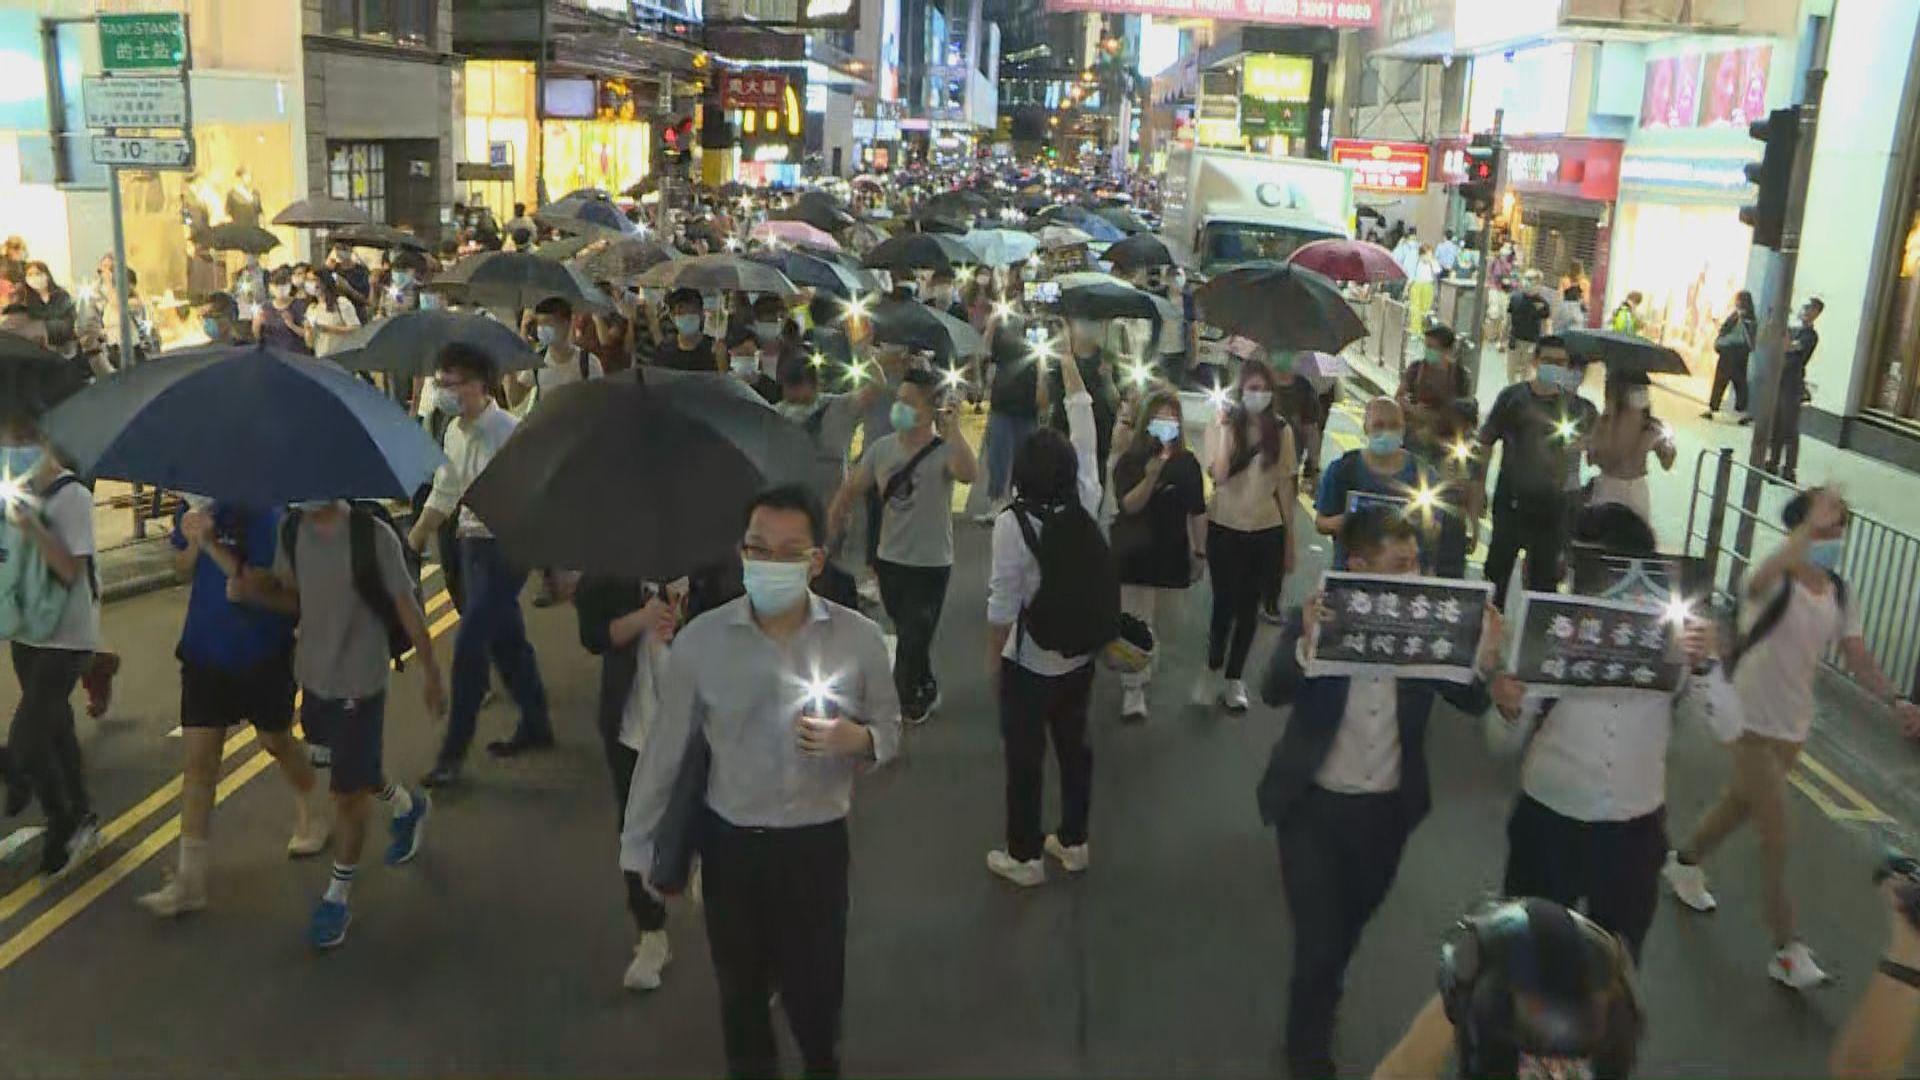 【反修例一周年】中環有人舉手機燈遊行 警方到場驅散